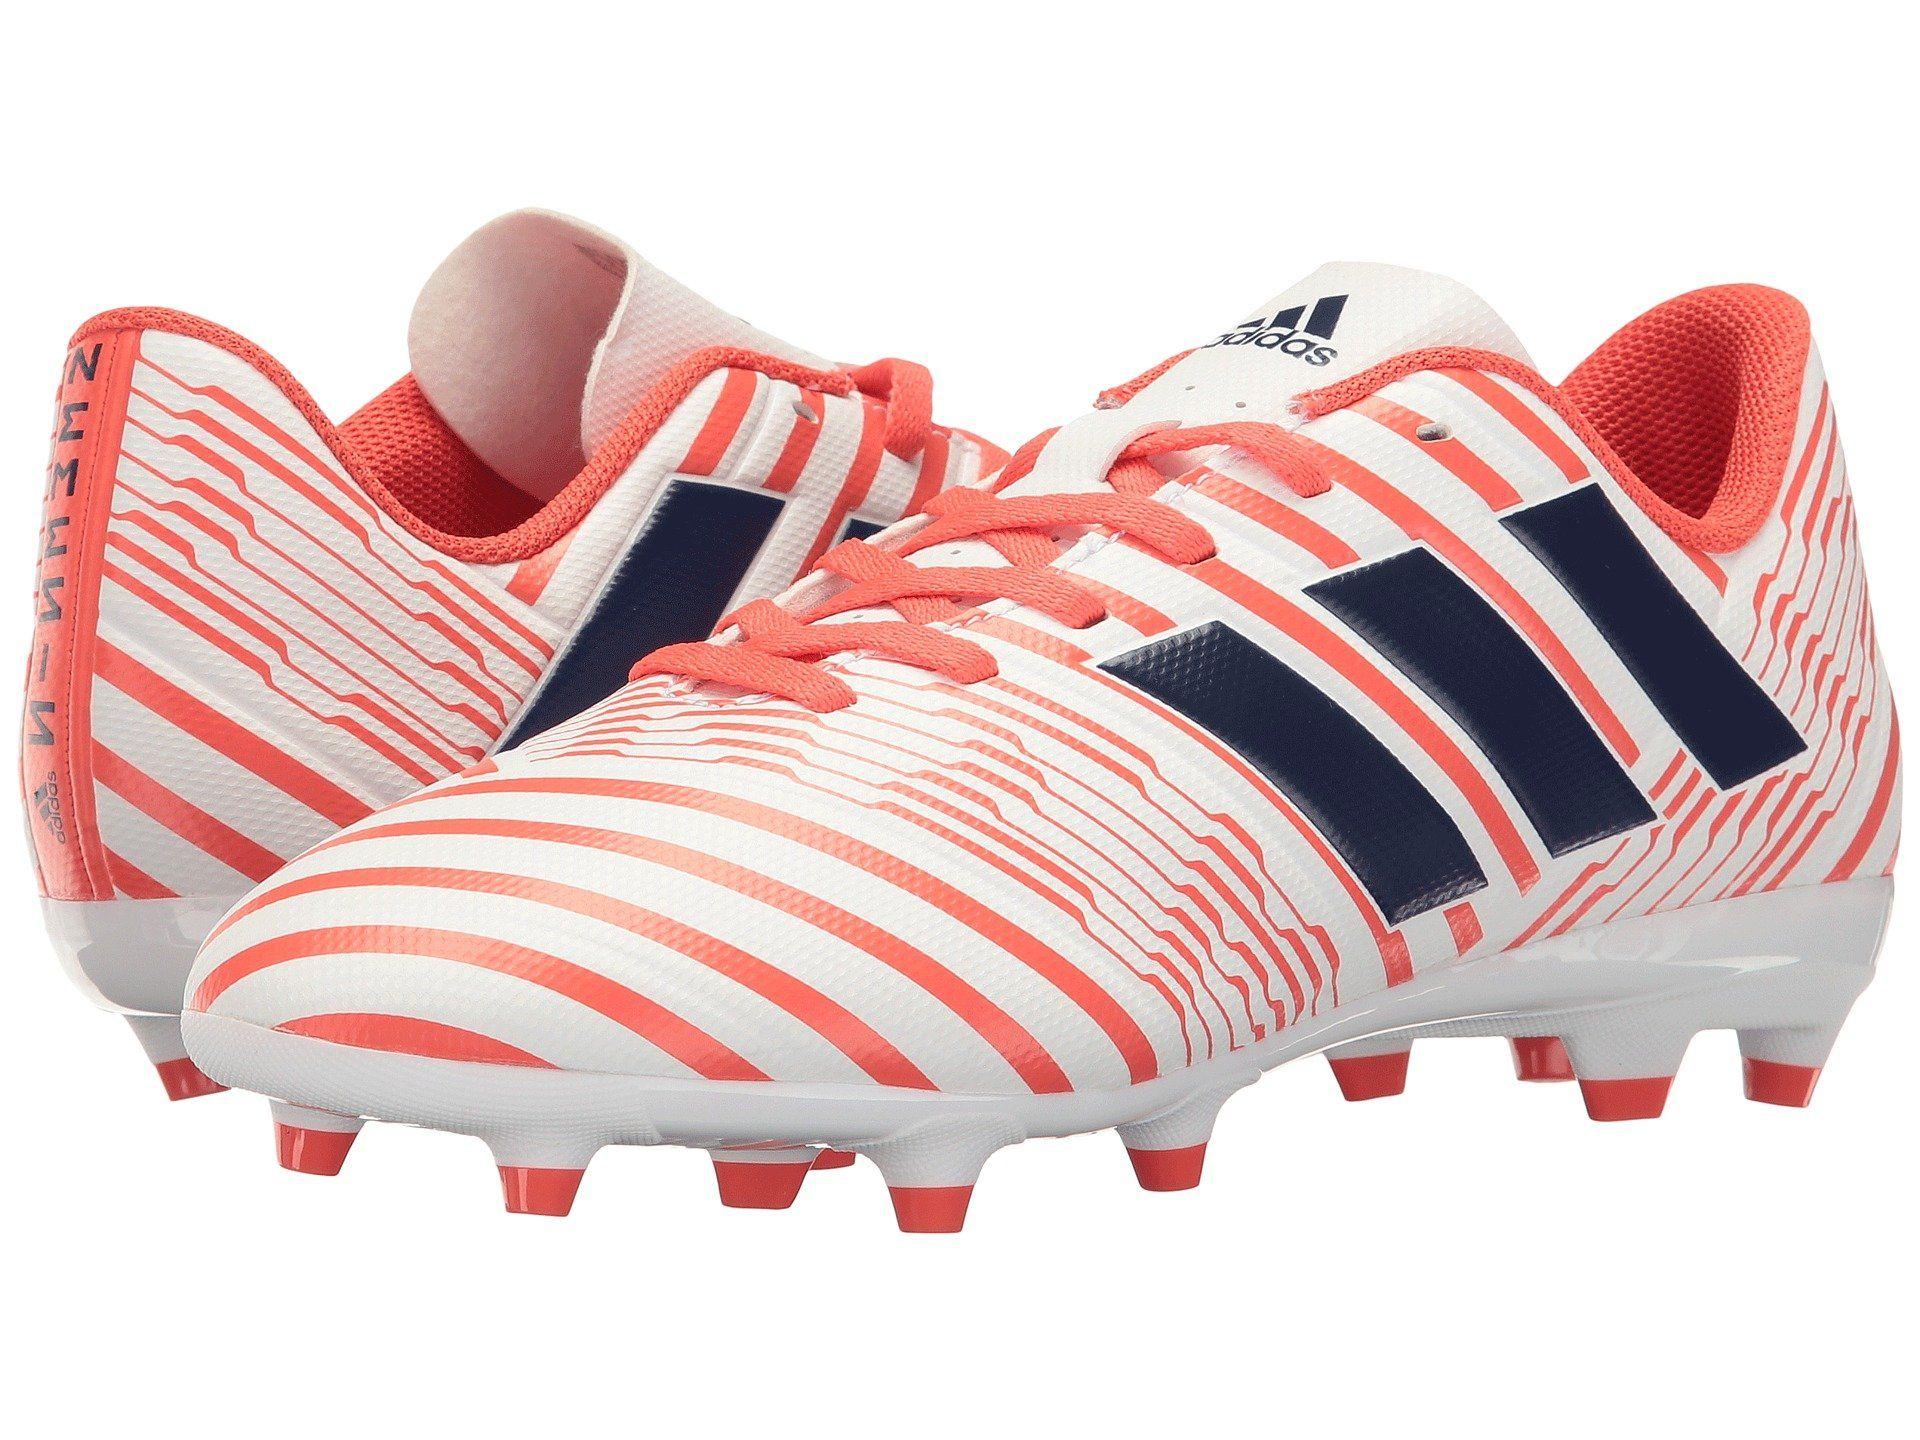 09f568e0ea73 ADIDAS ORIGINALS Nemeziz 17.4 FG.  adidasoriginals  shoes